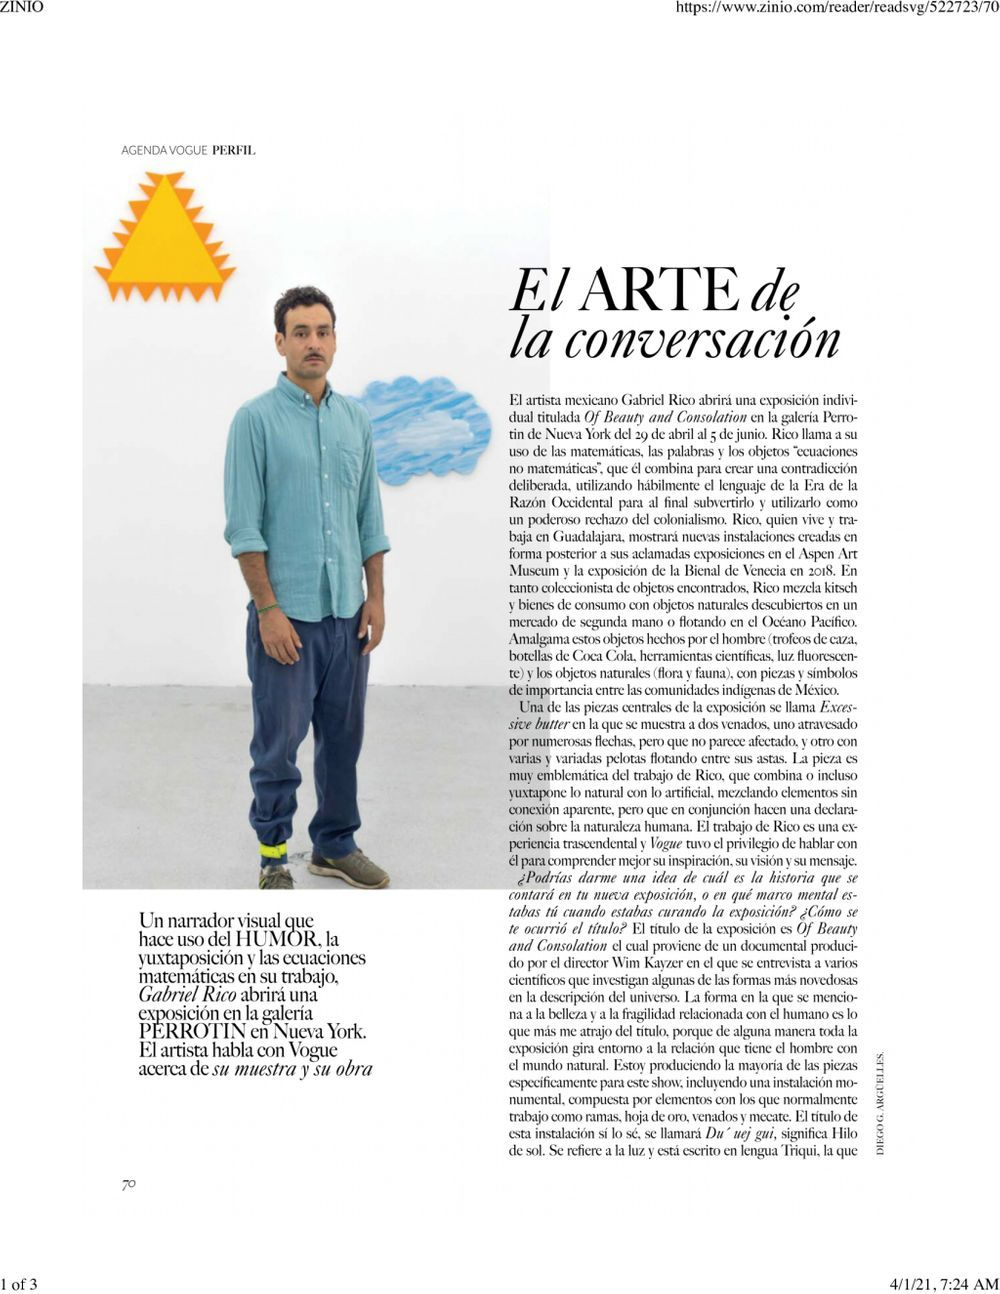 Vogue Mexico | Gabriel RICO